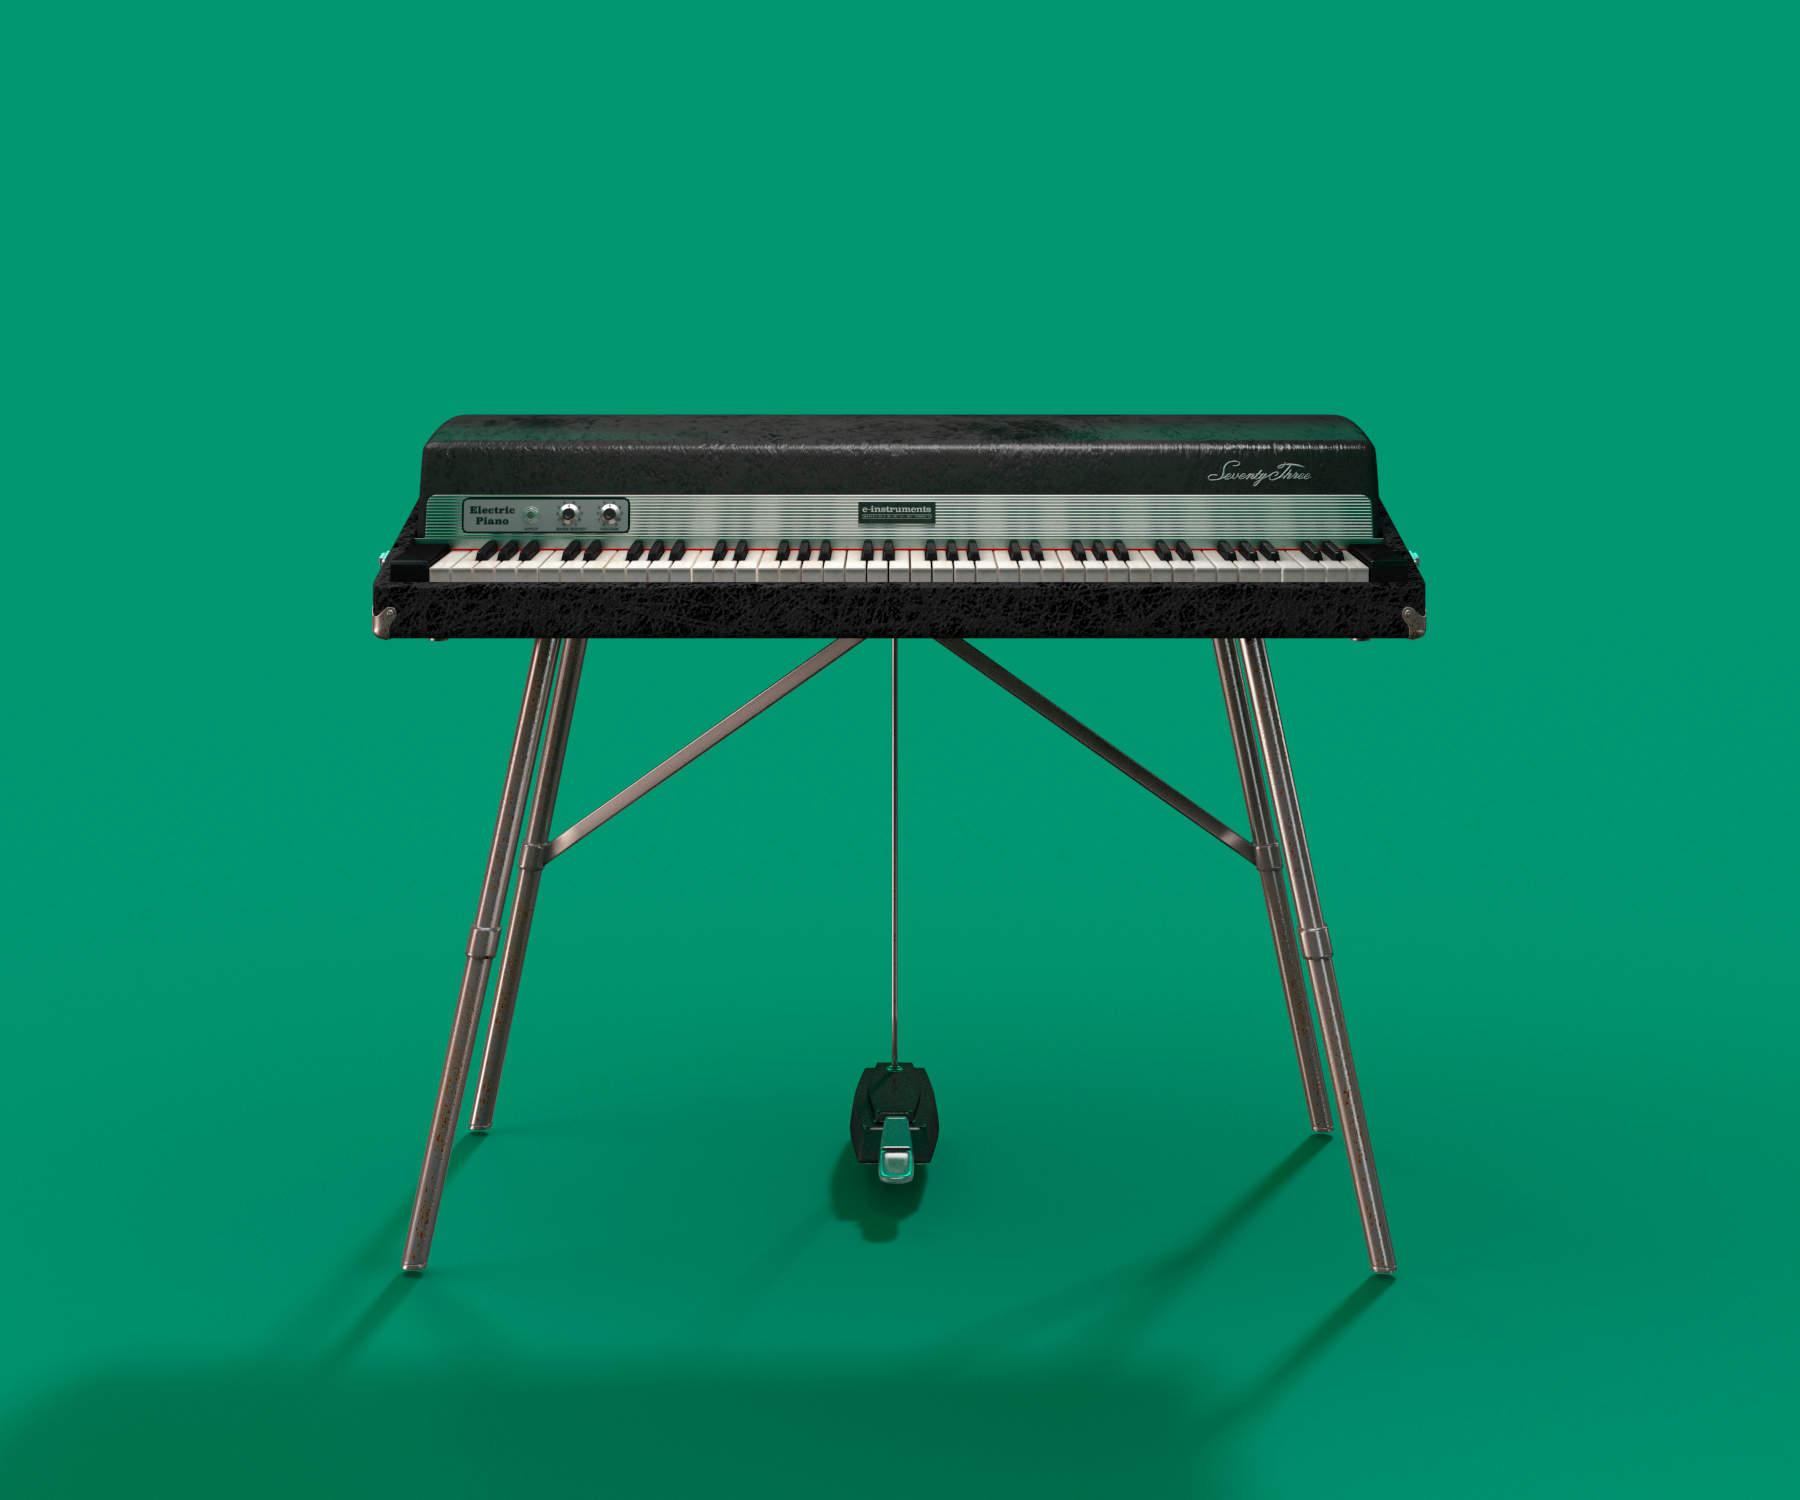 Vibrant: E-Piano Suite for HALion | Steinberg